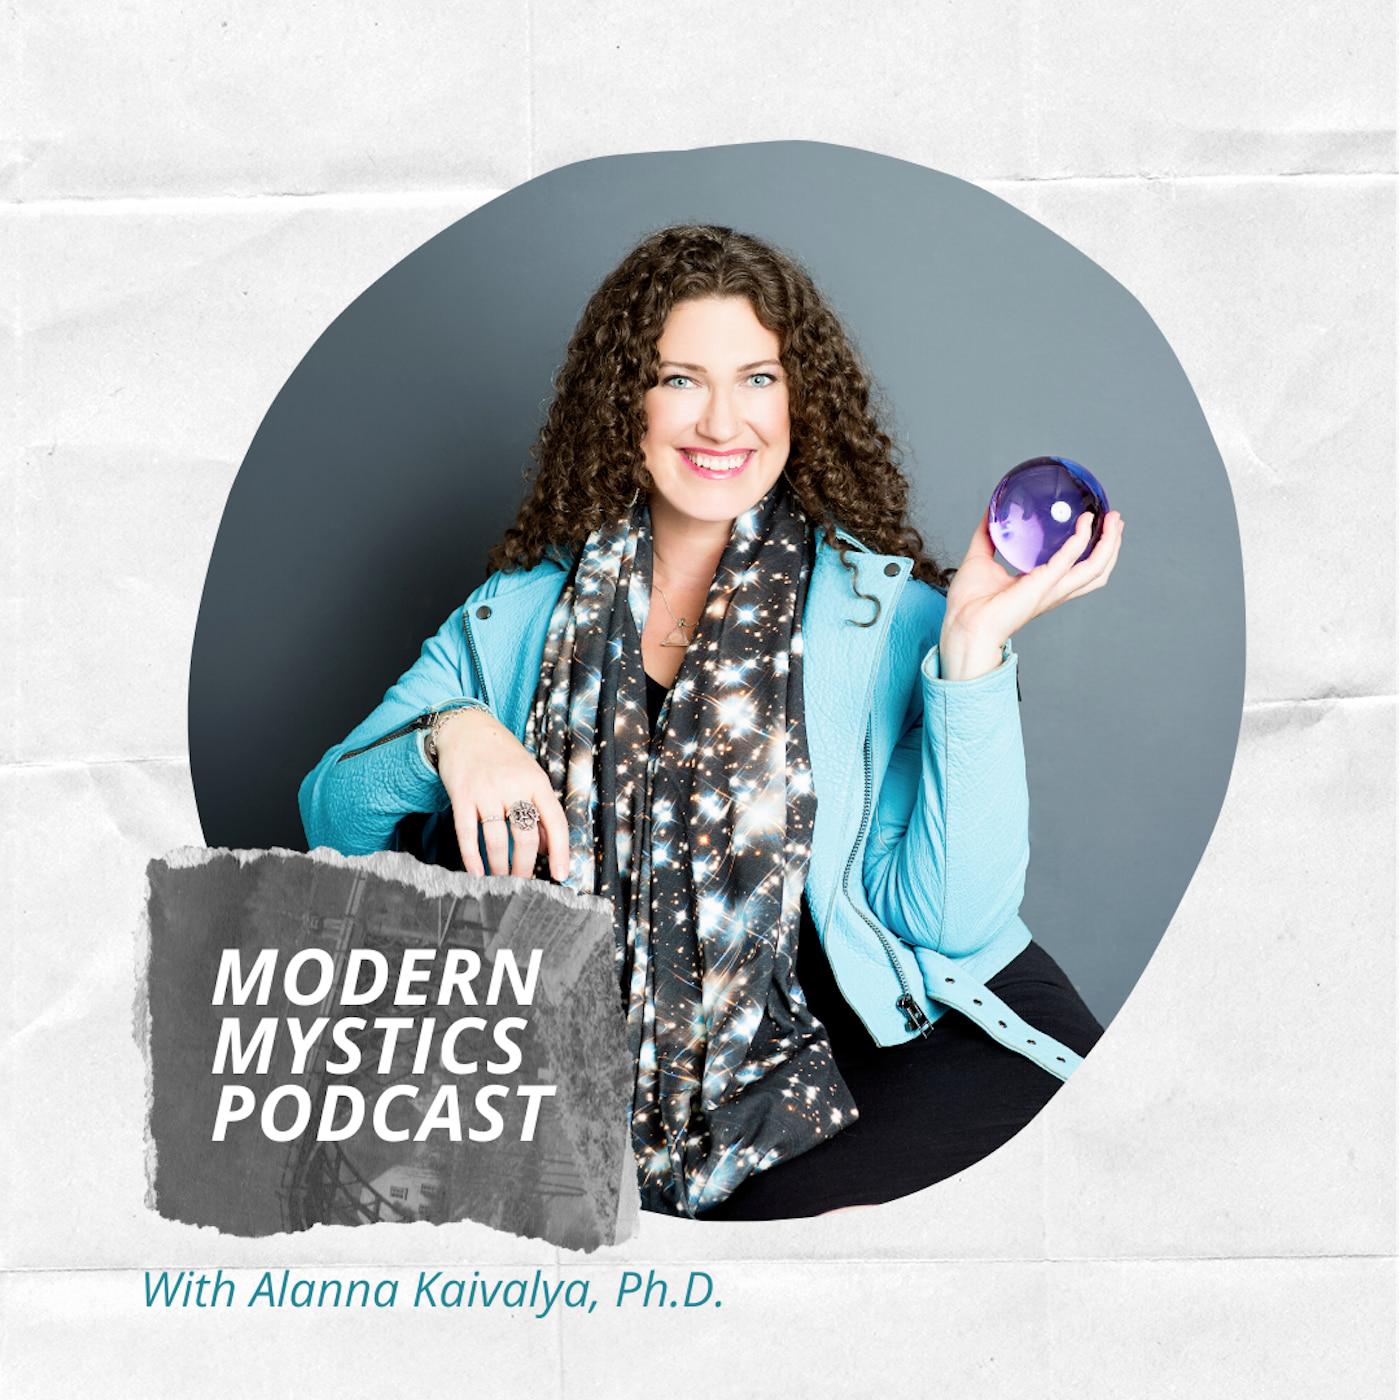 Modern Mystics Podcast with Alanna Kaivalya, Ph.D. show art